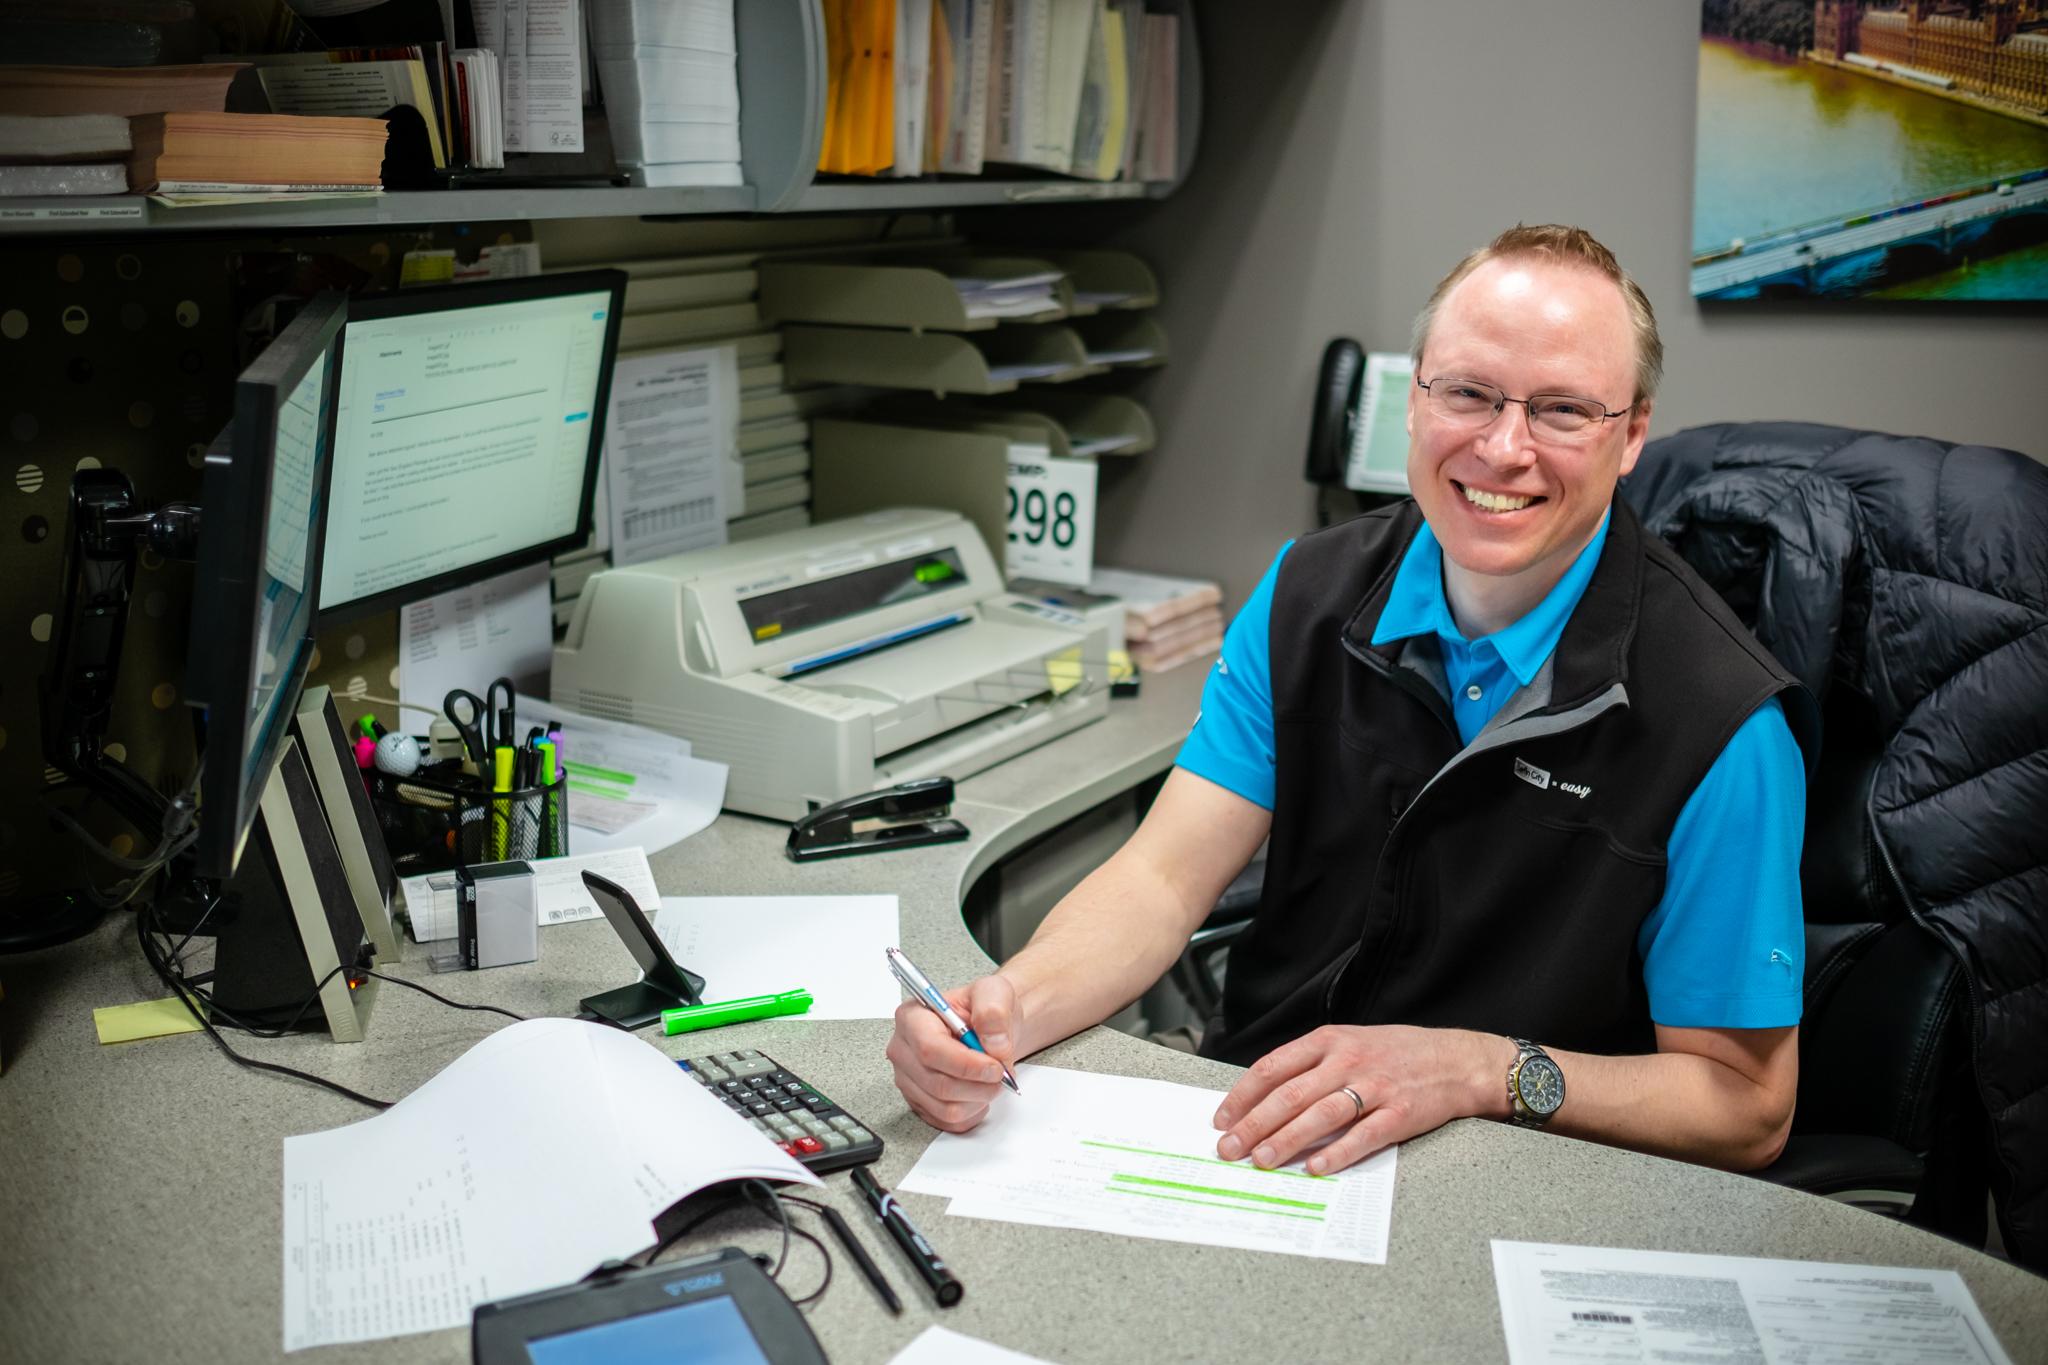 Man smiling doing paperwork